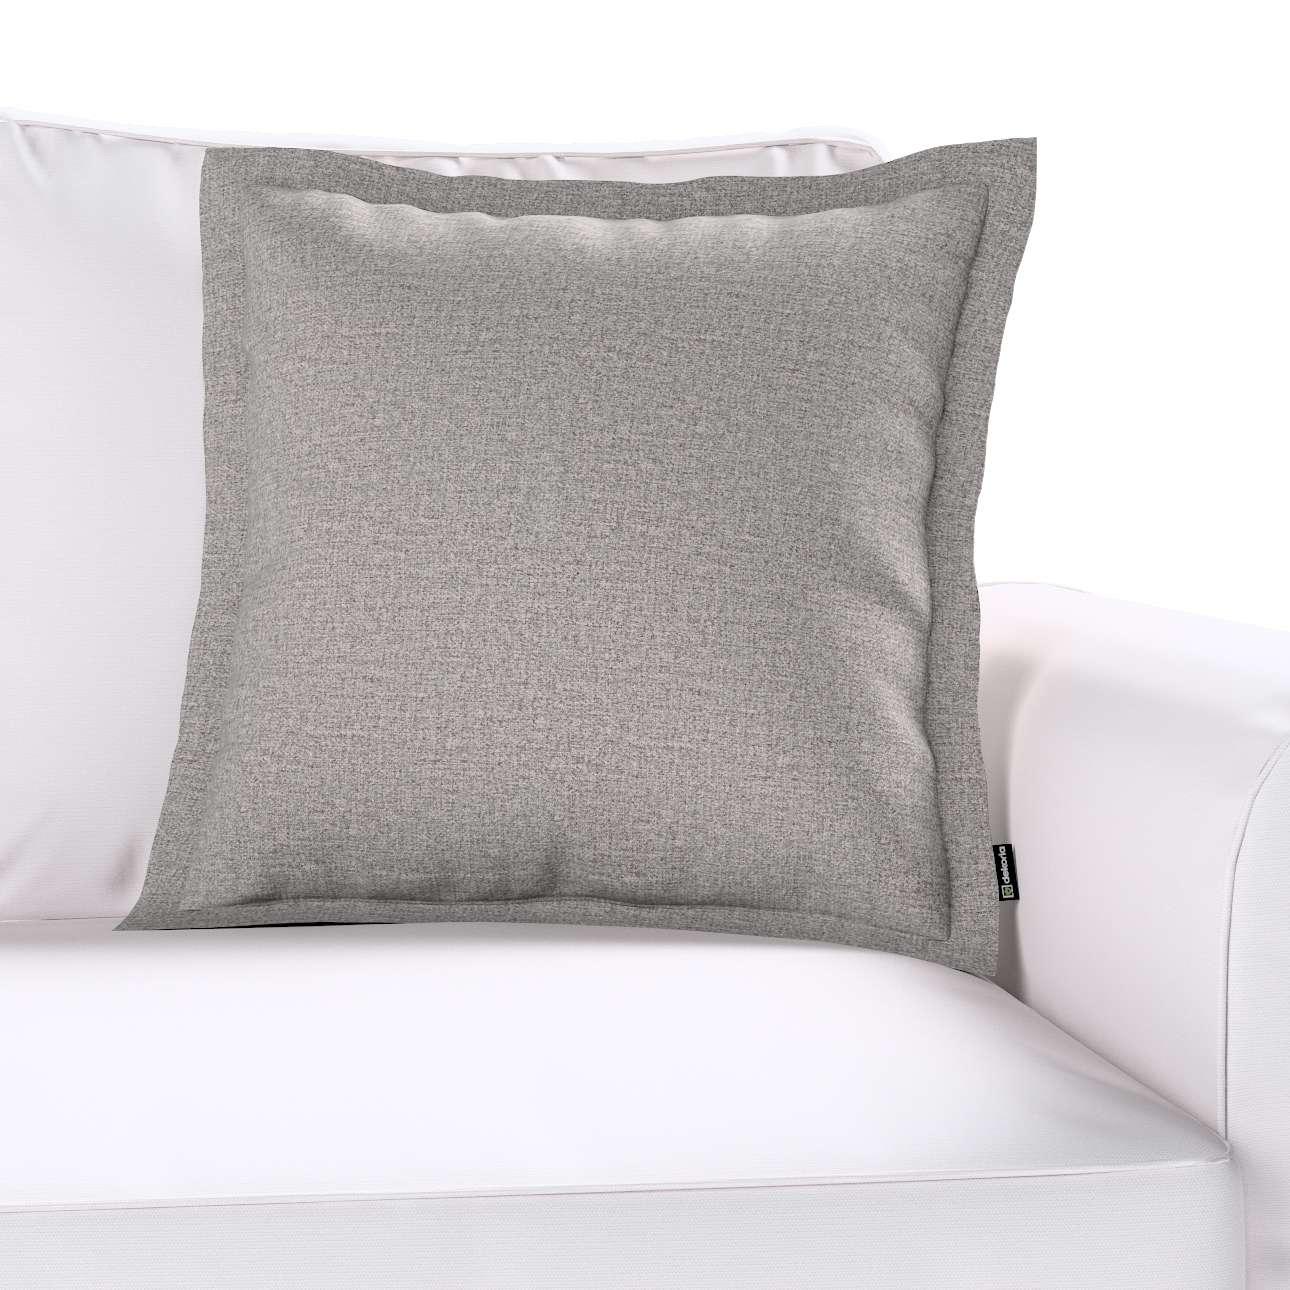 Poszewka Mona na poduszkę w kolekcji Edinburgh, tkanina: 115-81